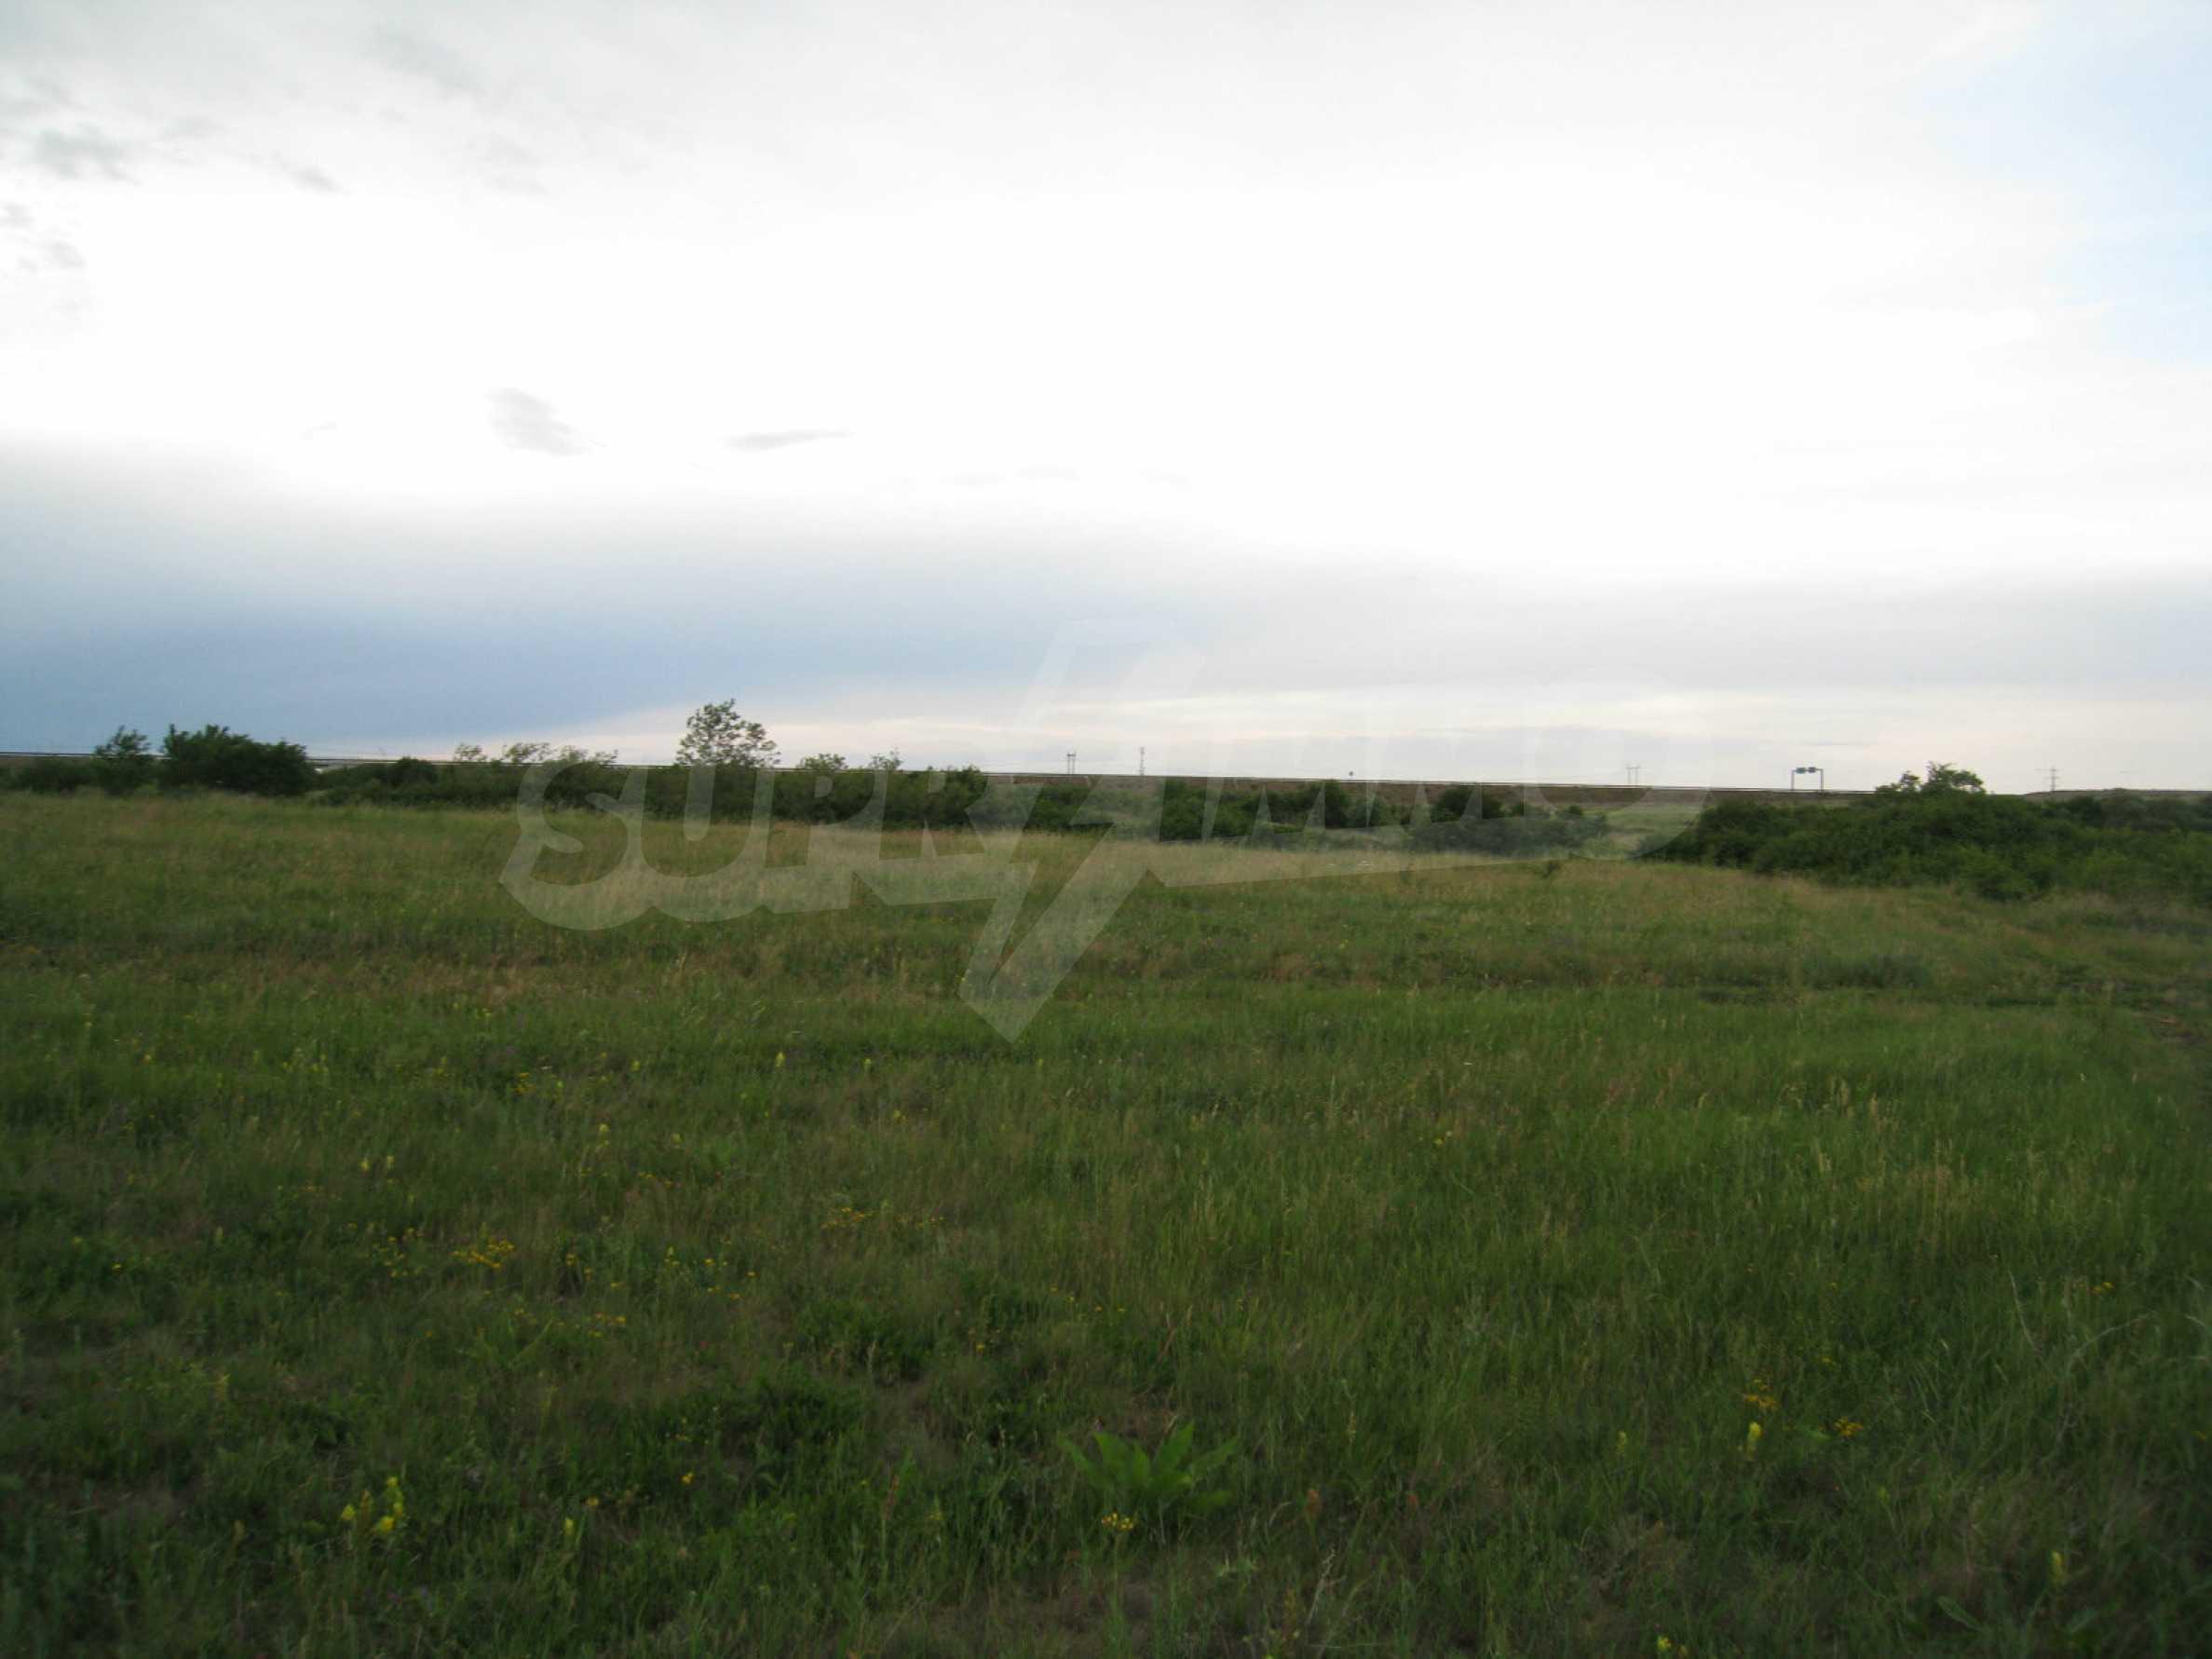 Ackerland in der Nähe eines Sees in Suhodol 14